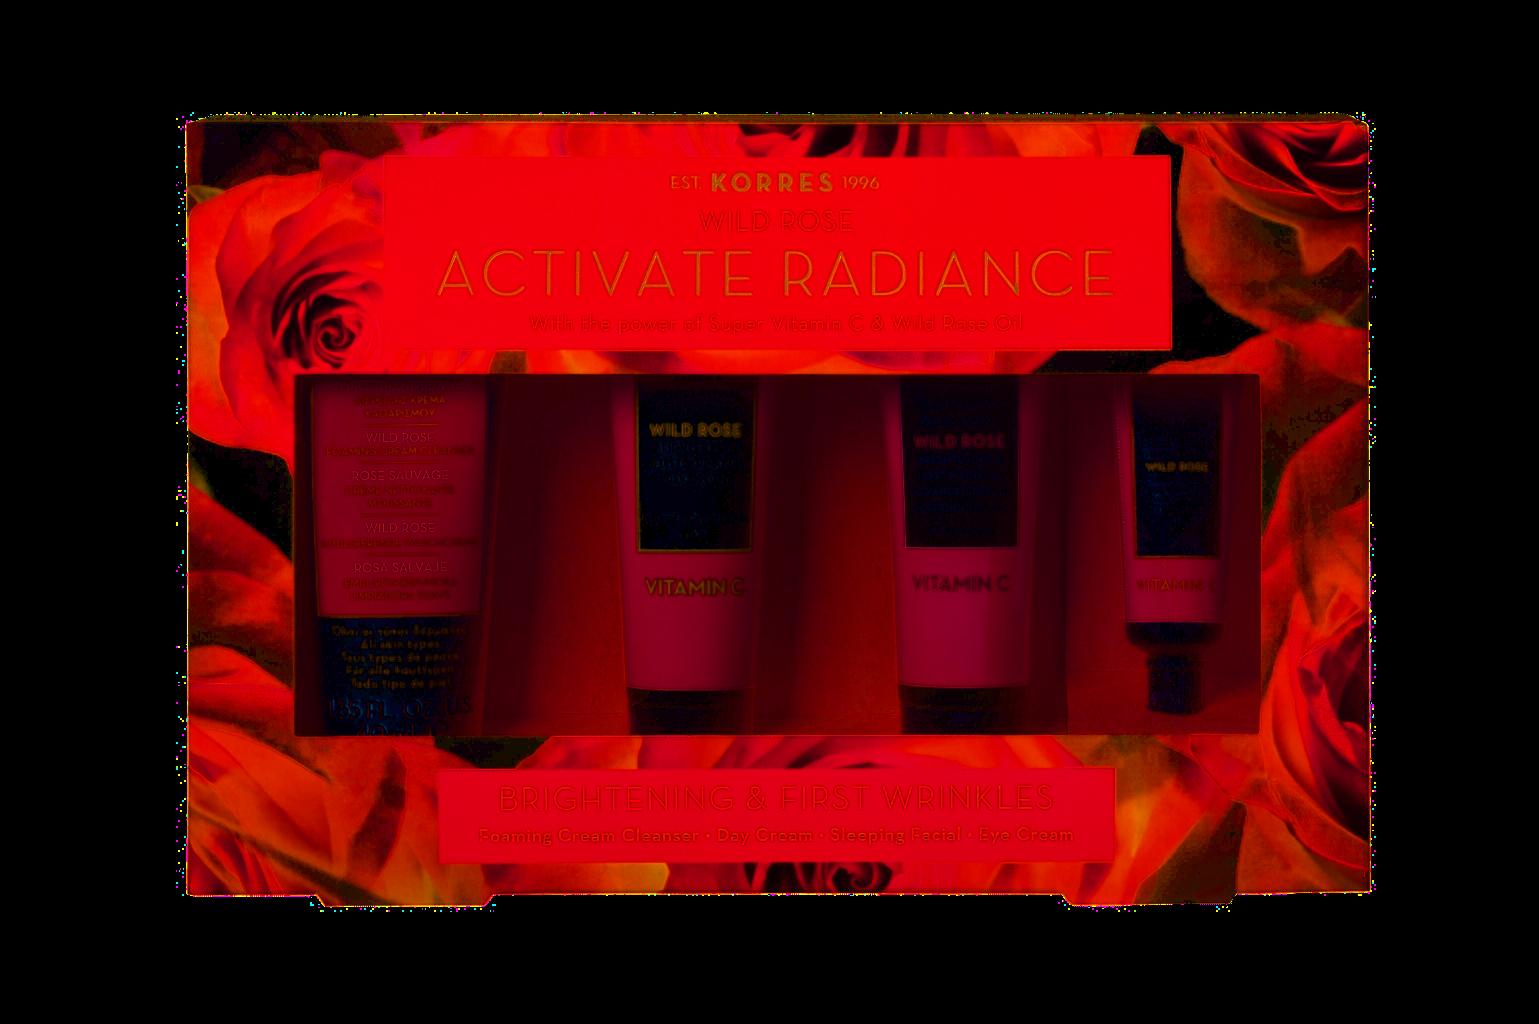 KORRES WILD ROSE ACTIVATE RADIANCE dárková sada pleťové rozjasňující a hydratační péče